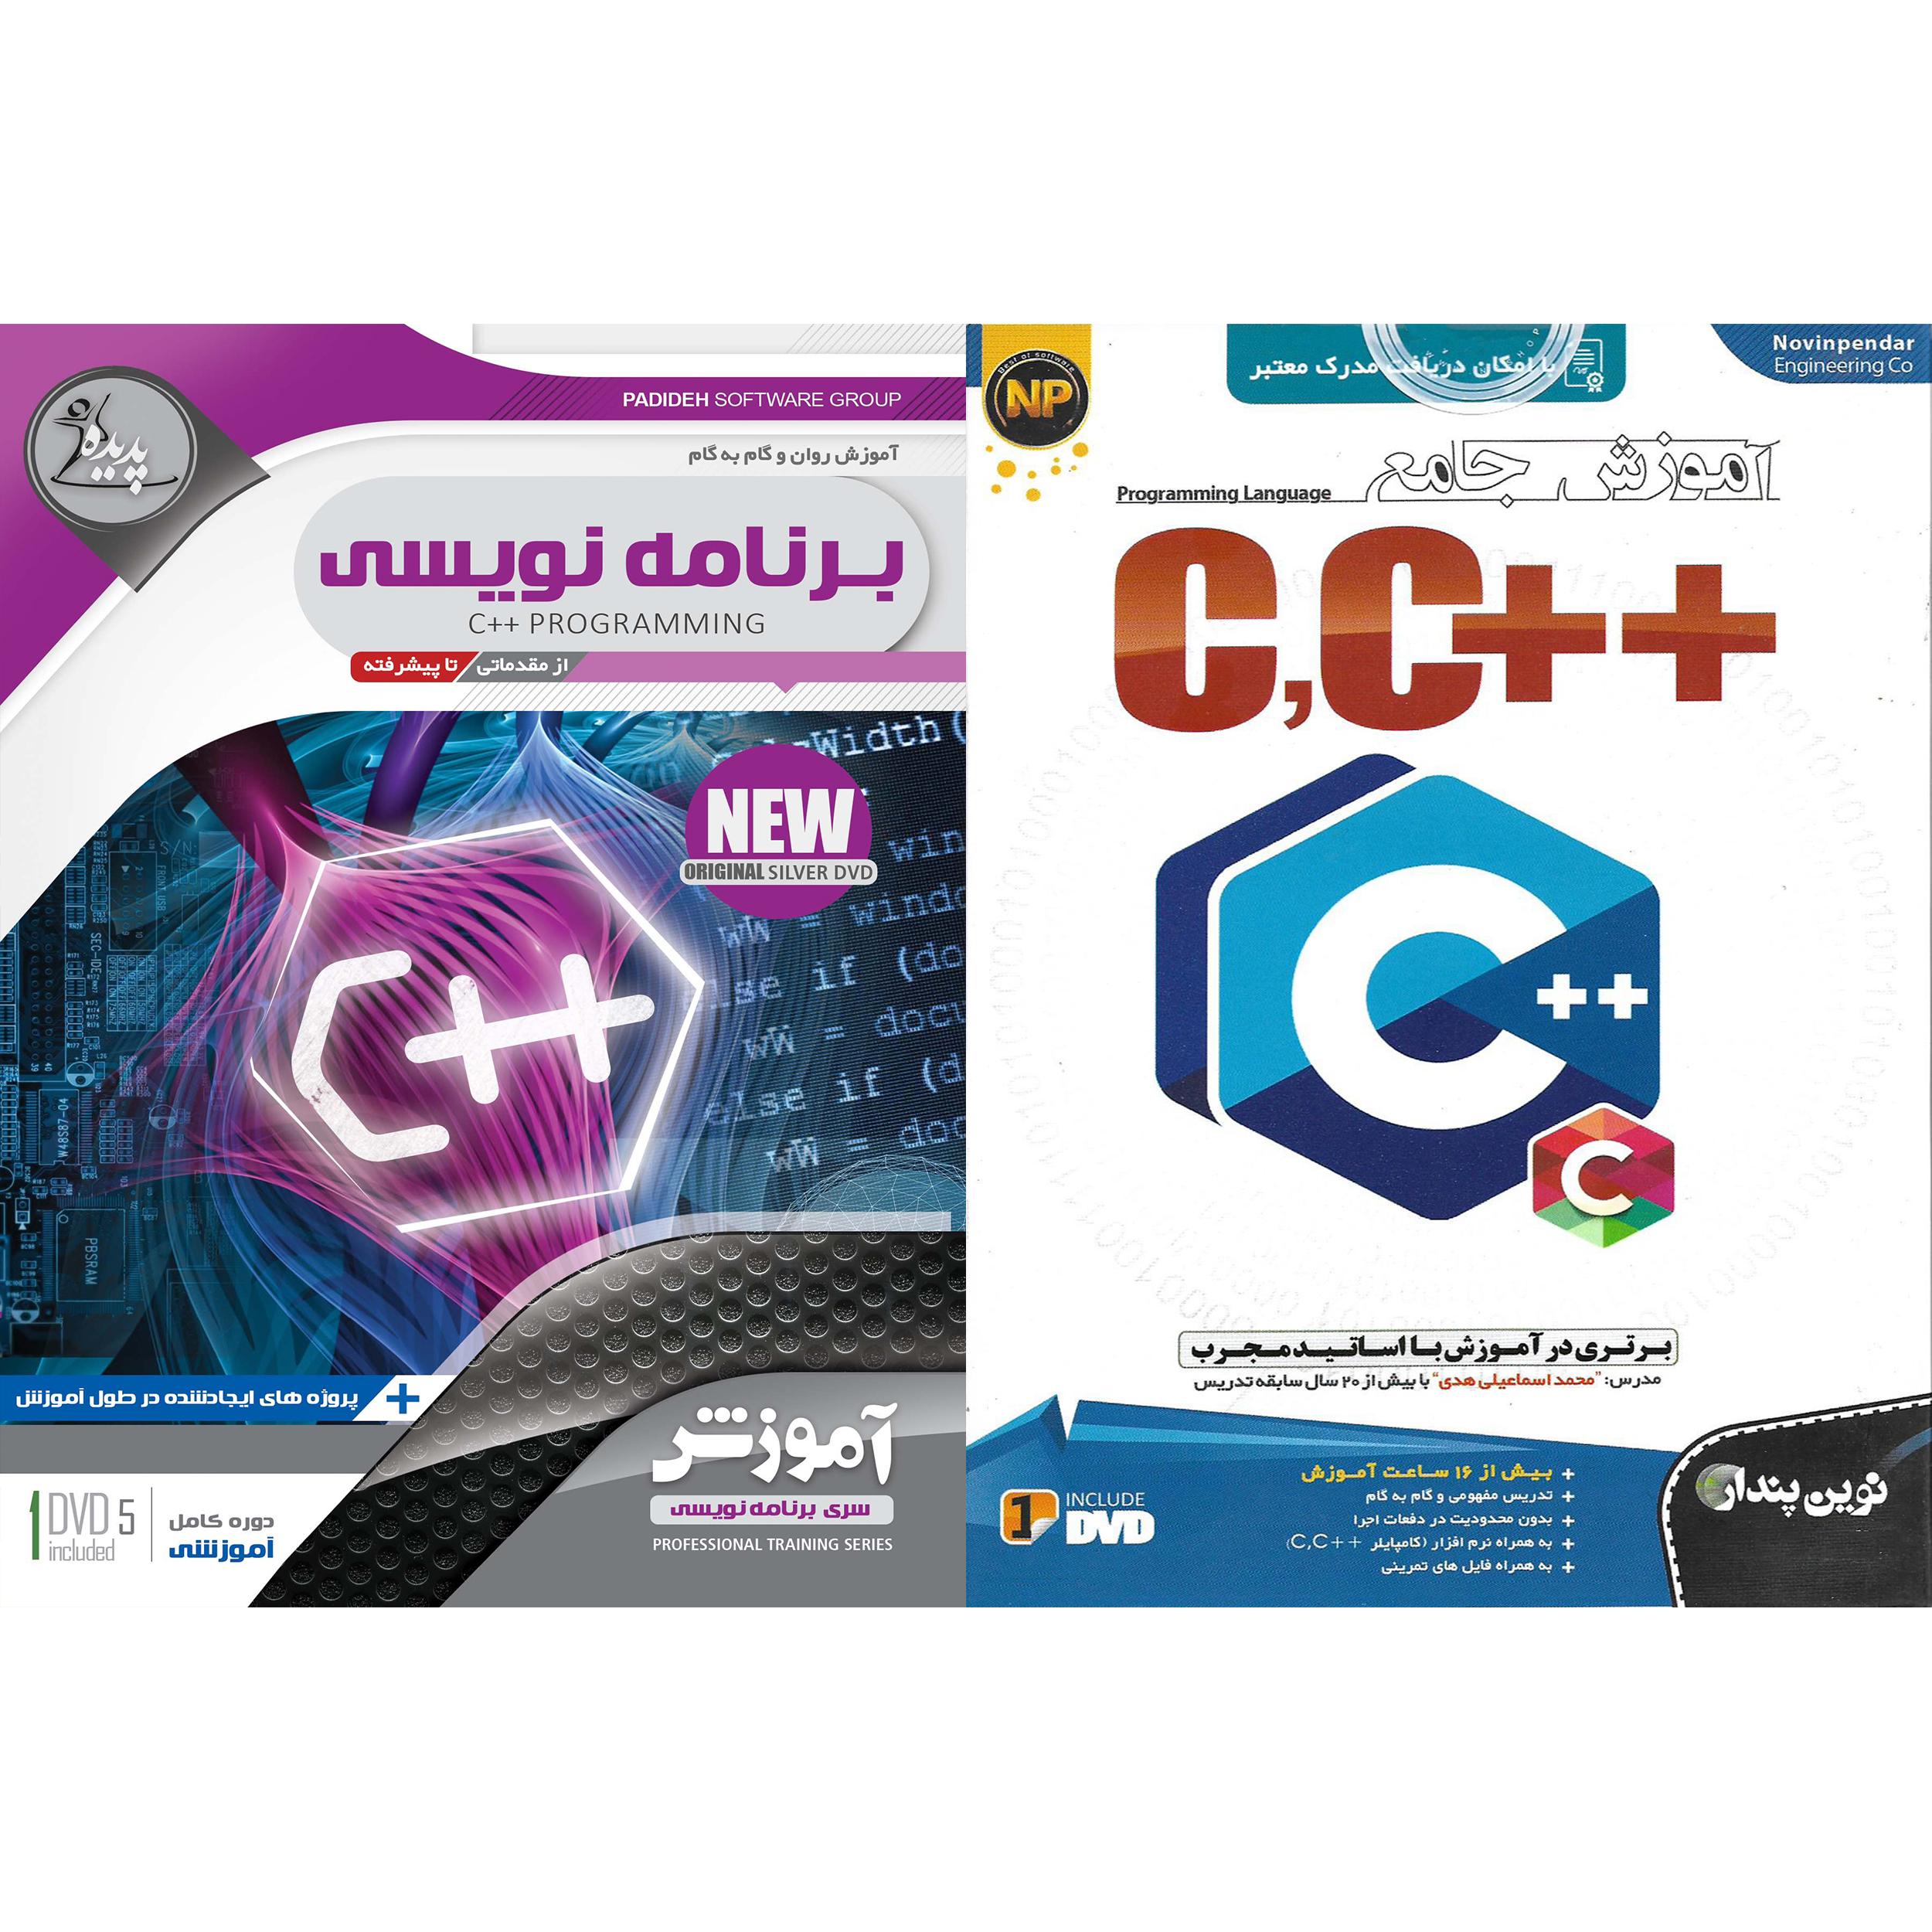 نرم افزار آموزش ++C,C نشر نوین پندار به همراه نرم افزار آموزش برنامه نویسی ++C نشر پدیده